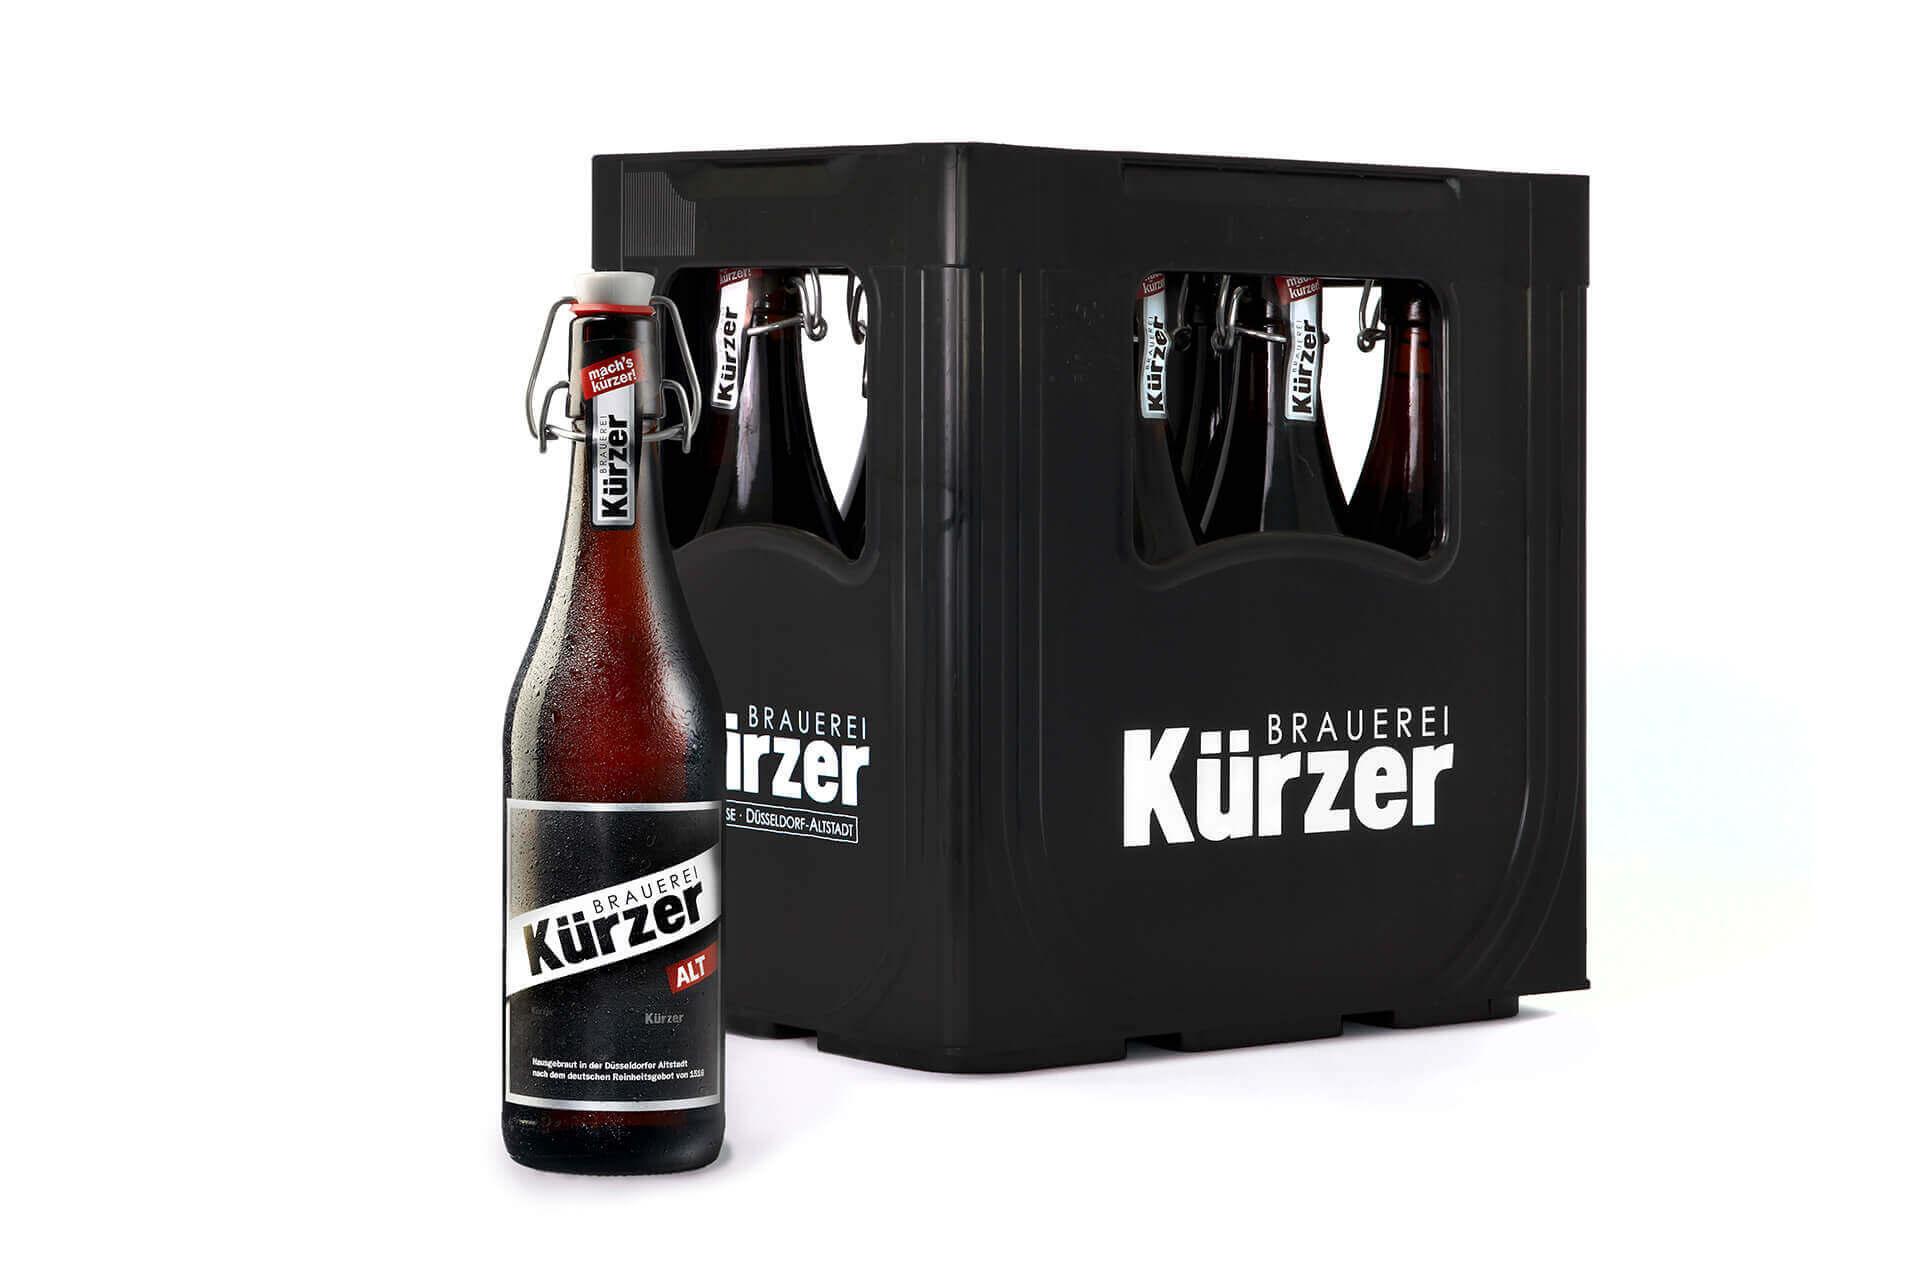 Verpackungsdesign / Etikettendesign der Bügelverschluss-Flasche und Kiste der Brauerei Kürzer.